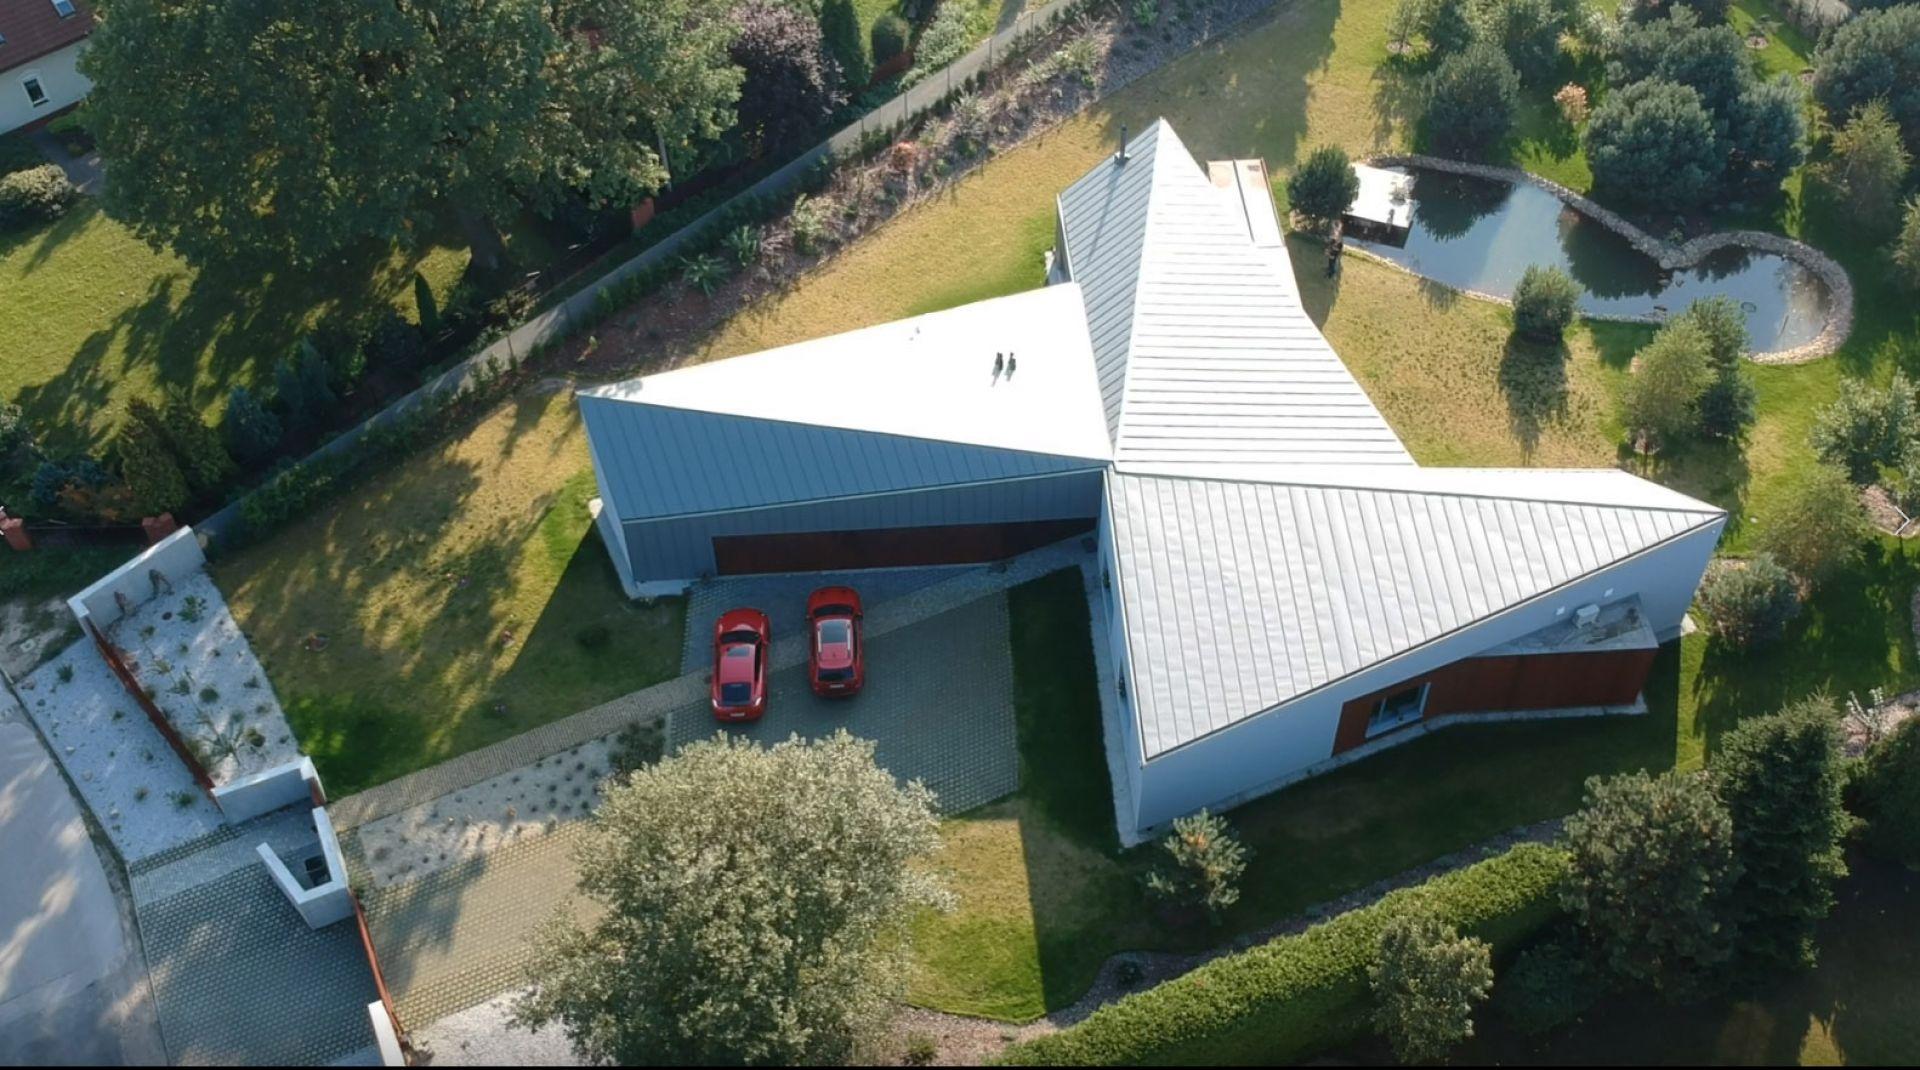 Fan-cy-House - dom inspirowany wiatrakiem. Projekt i zdjęcia: 3Dprojekt architektura